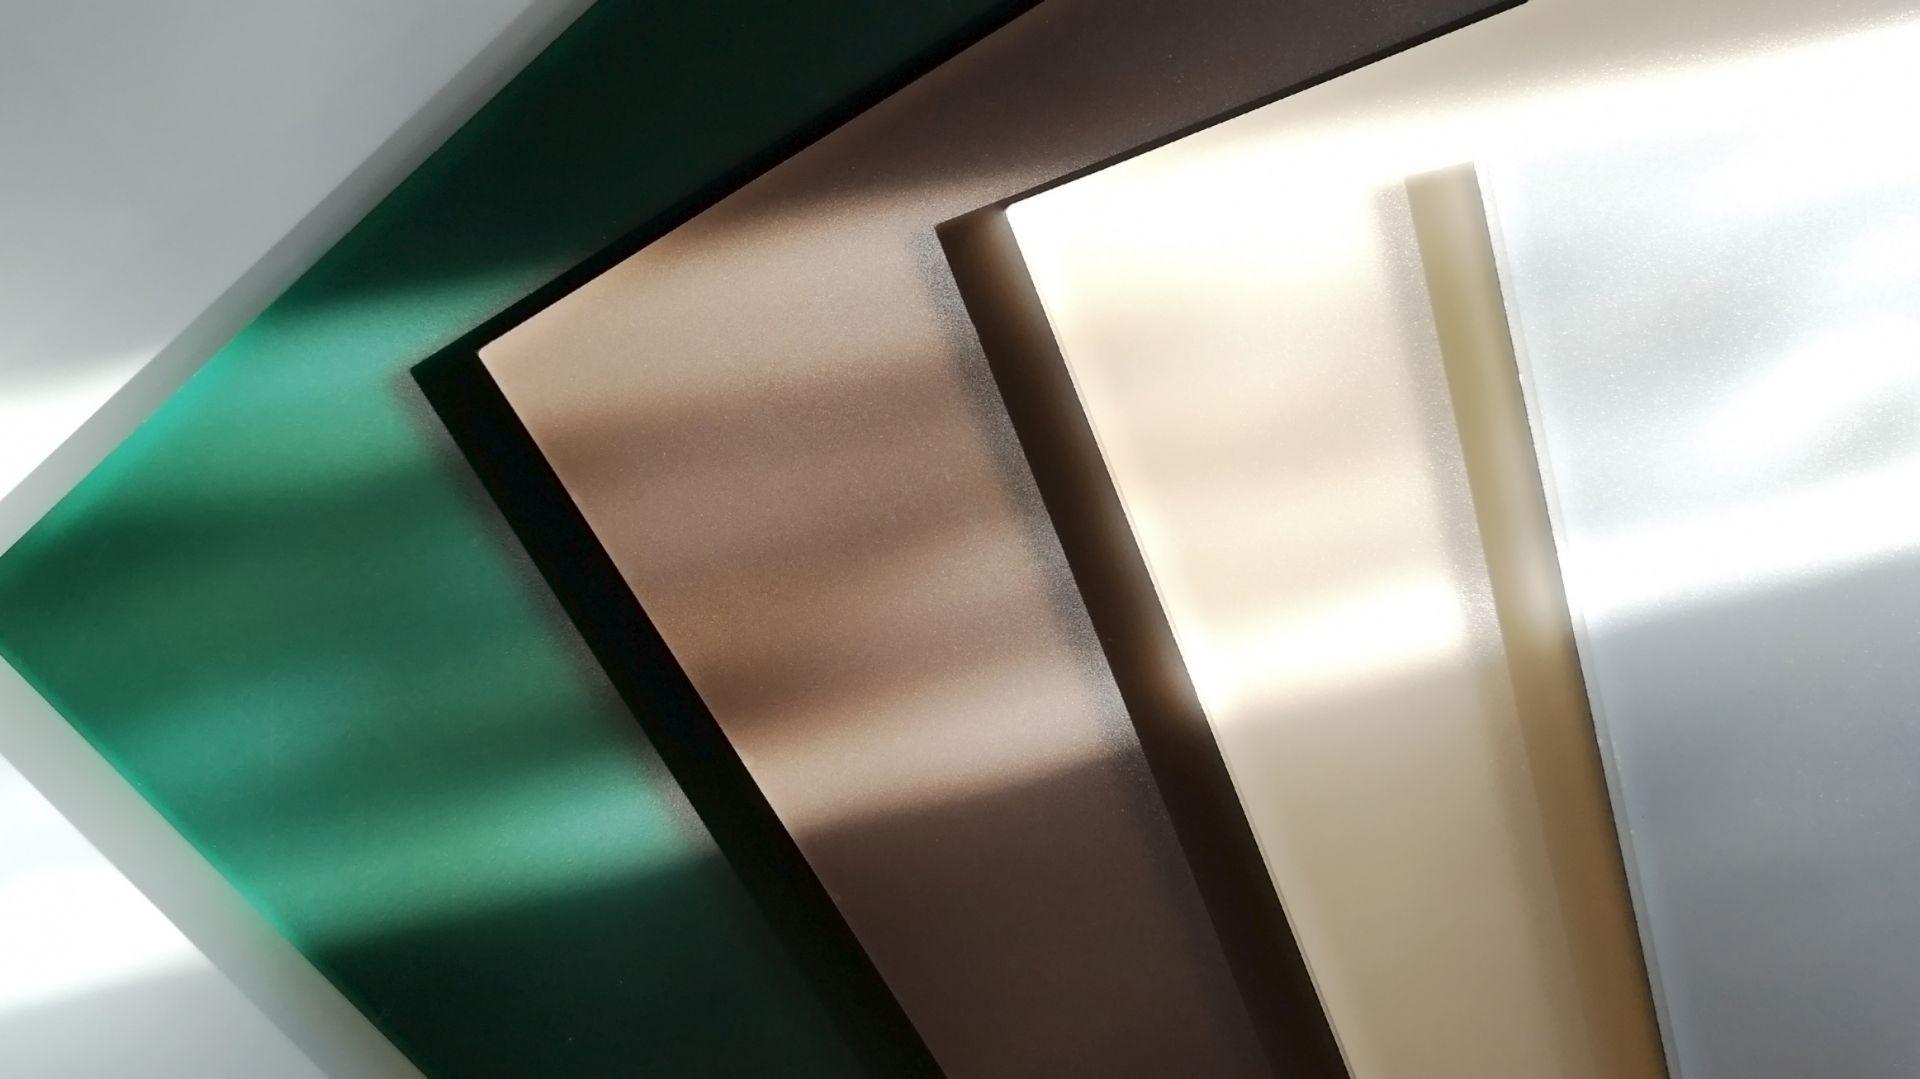 Kolory szkła lakierowanego matowego z kolekcji Colorimo Sati 2019